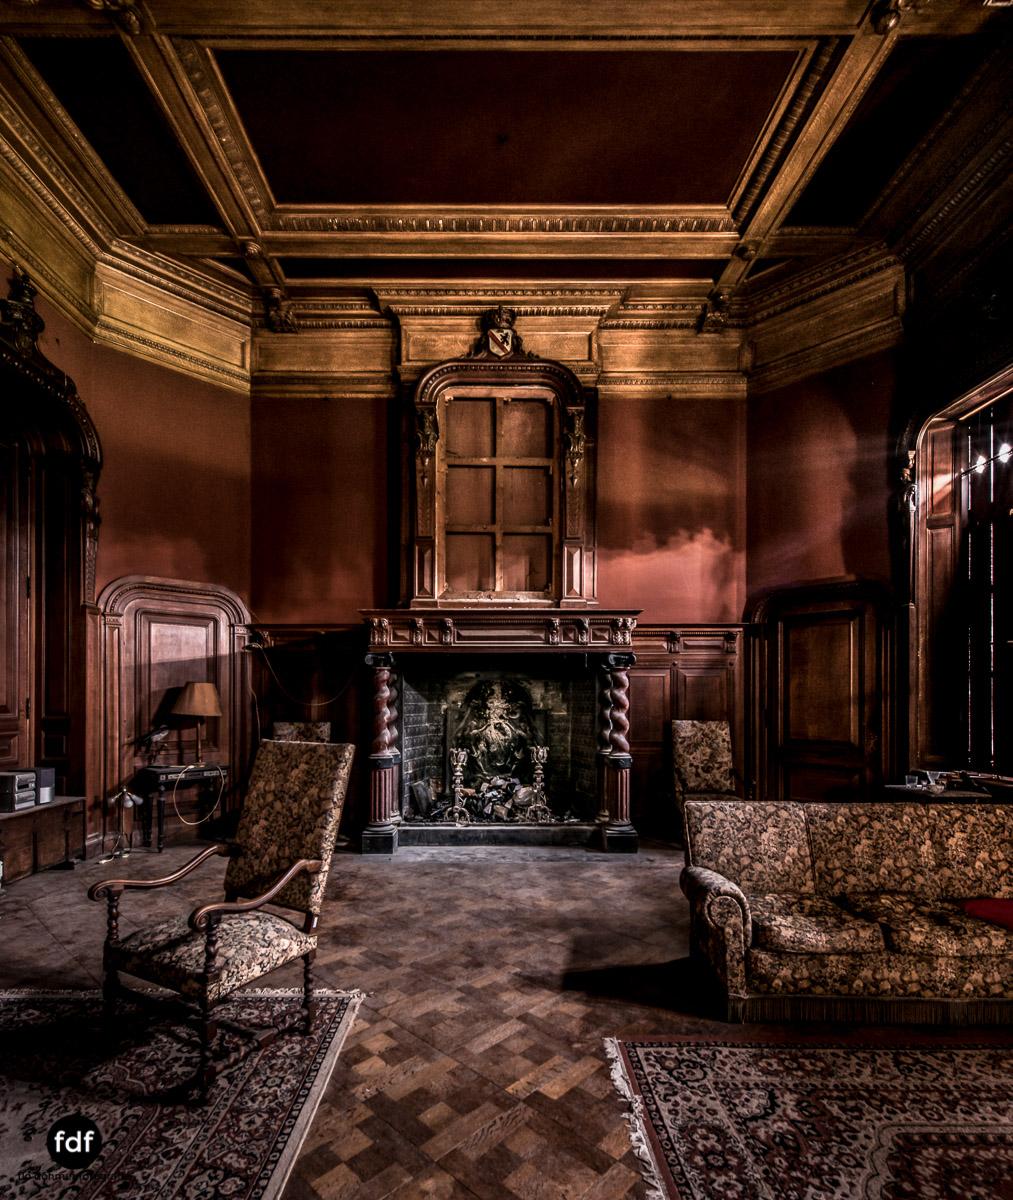 Chateau de la Foret-256-Bearbeitet.jpg